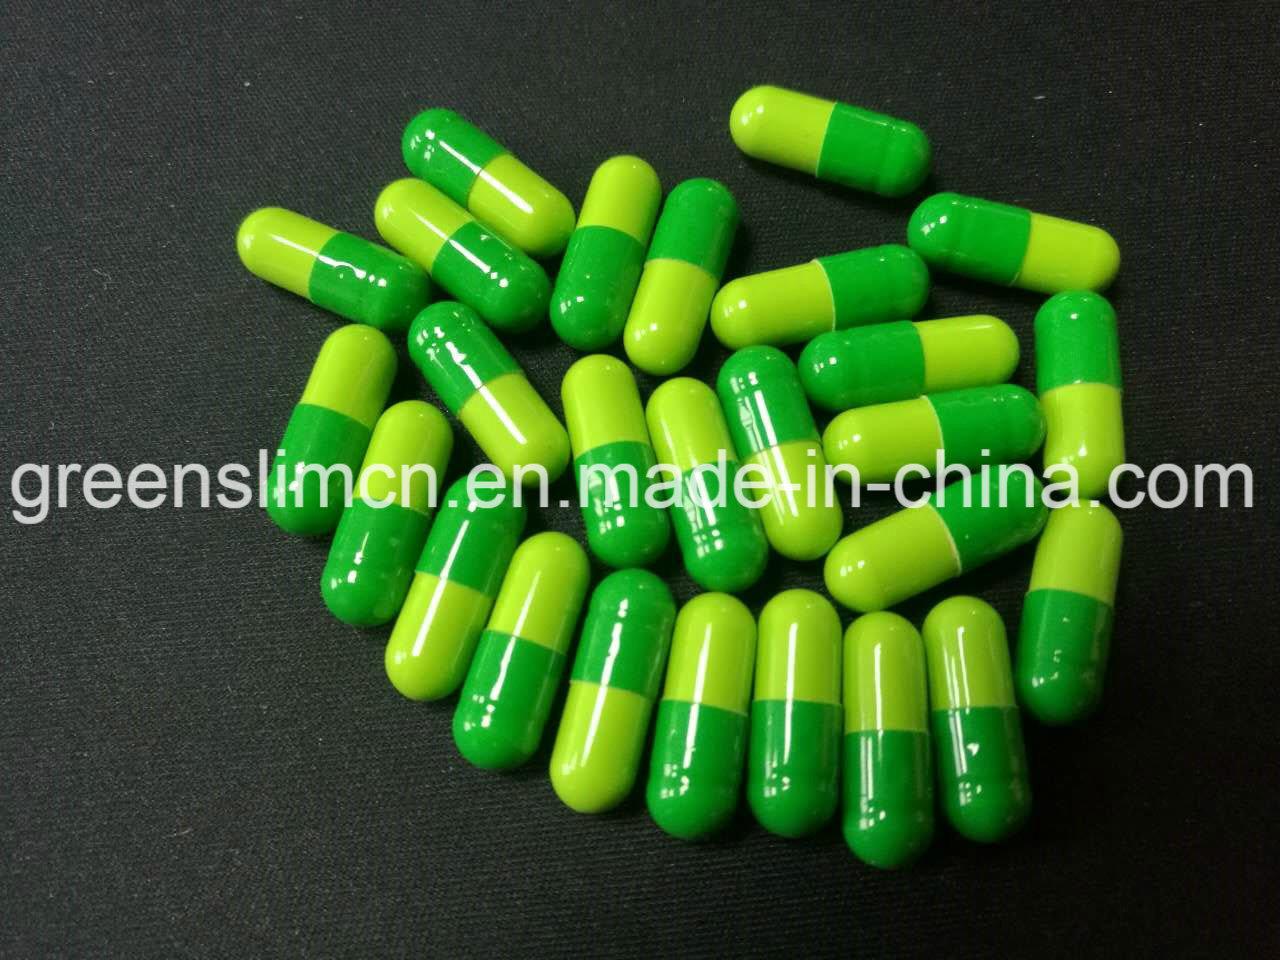 OEM/ODM Weight Loss Capsule Slimming Diet Pills